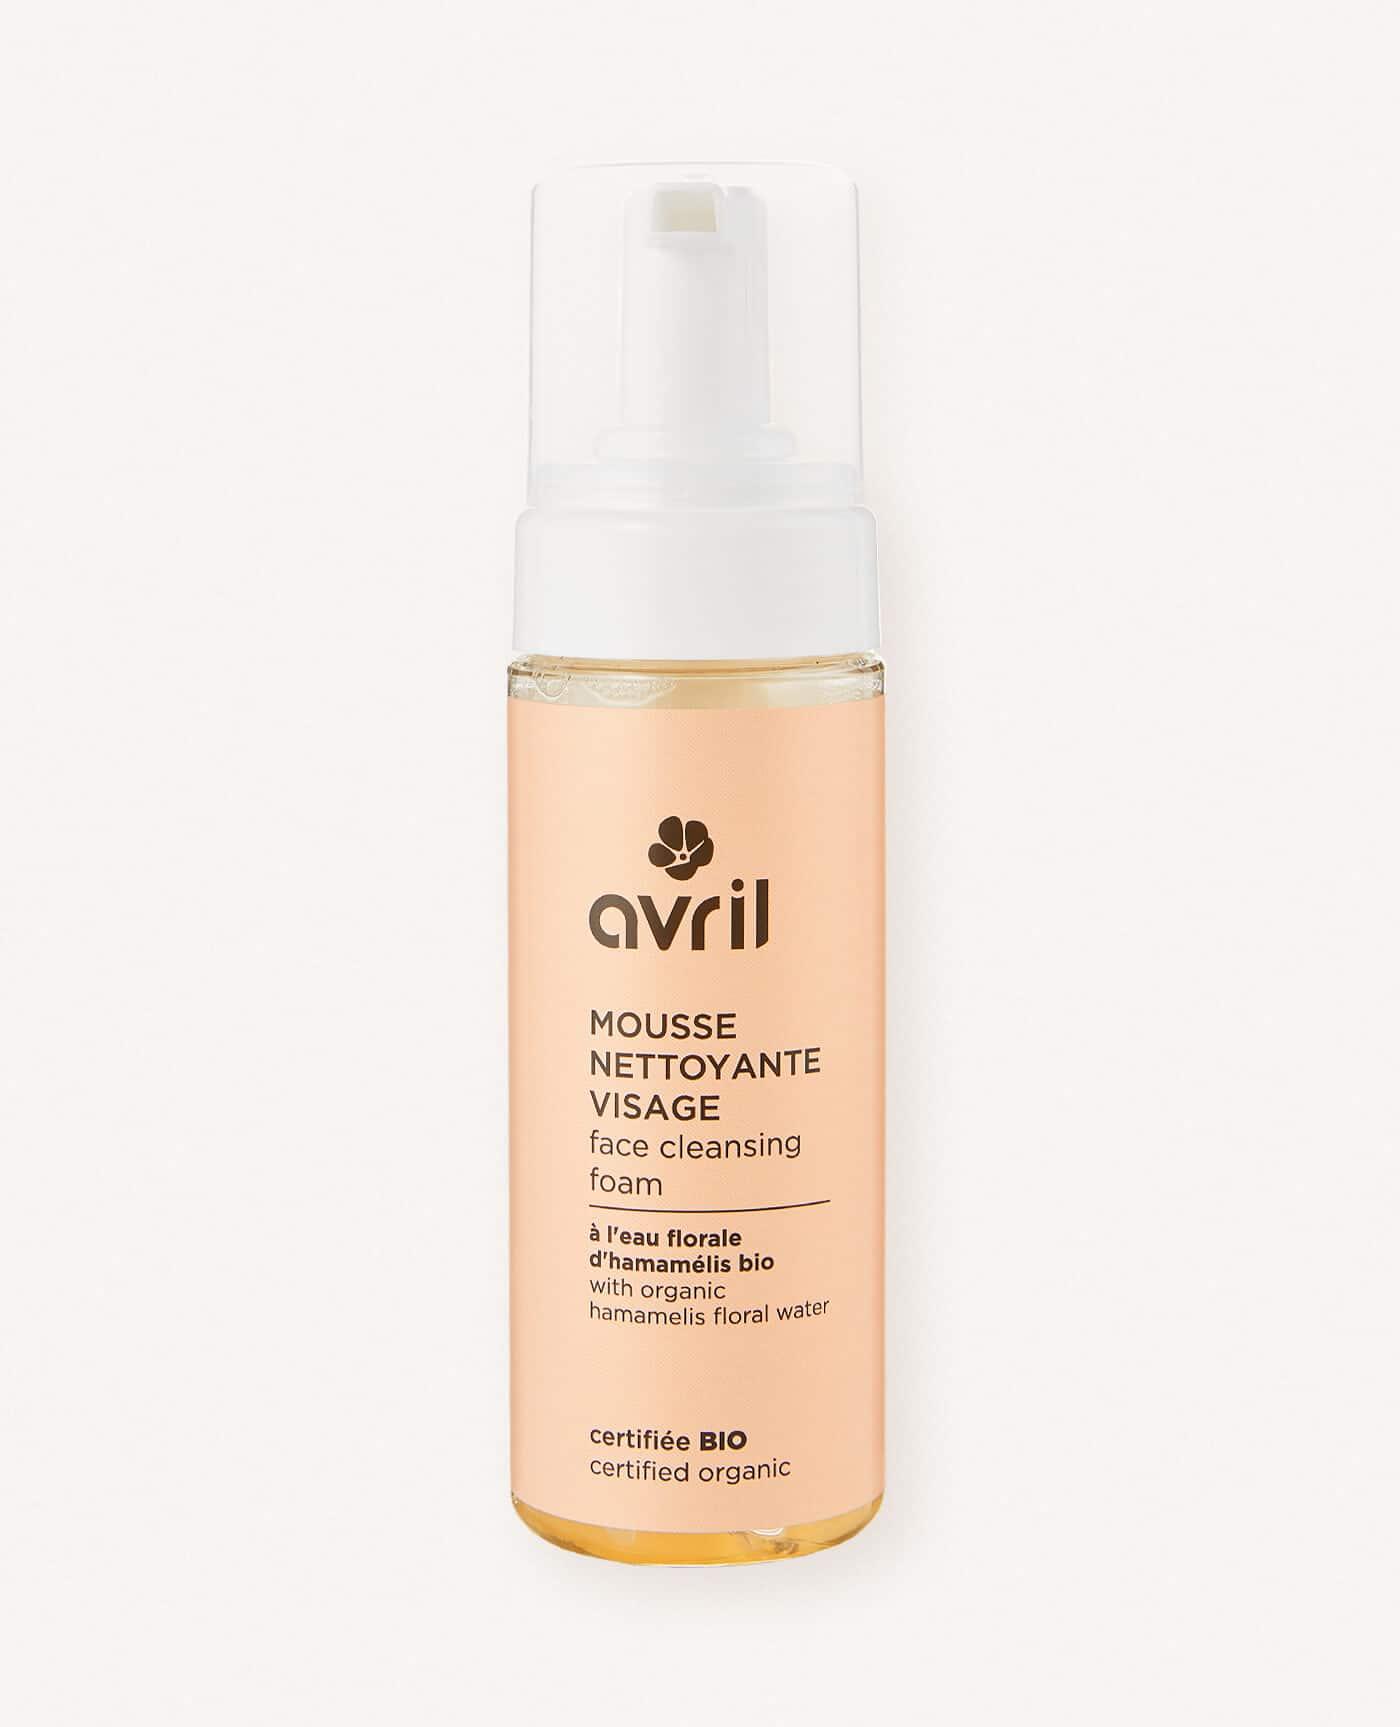 Mousse nettoyante visage bio, naturel et vegan de la marque Avril cosmétiques made in France